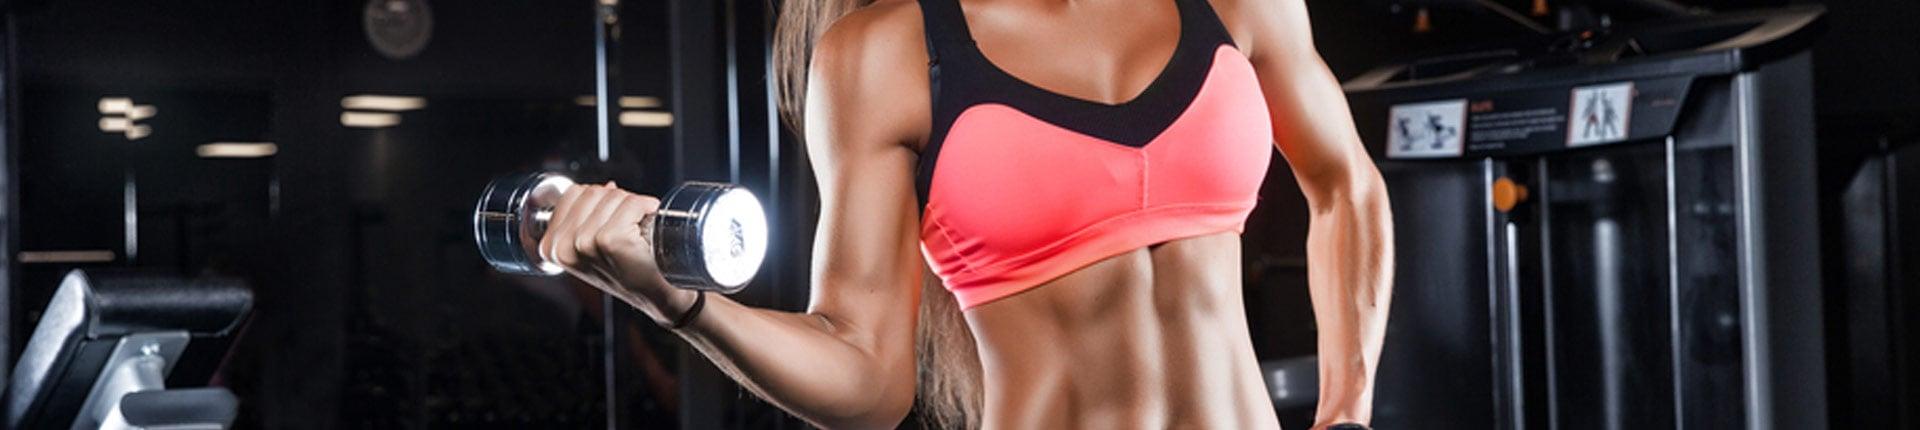 Pierwszy rok treningu dla początkujących kobiet - budujemy mięśnie!